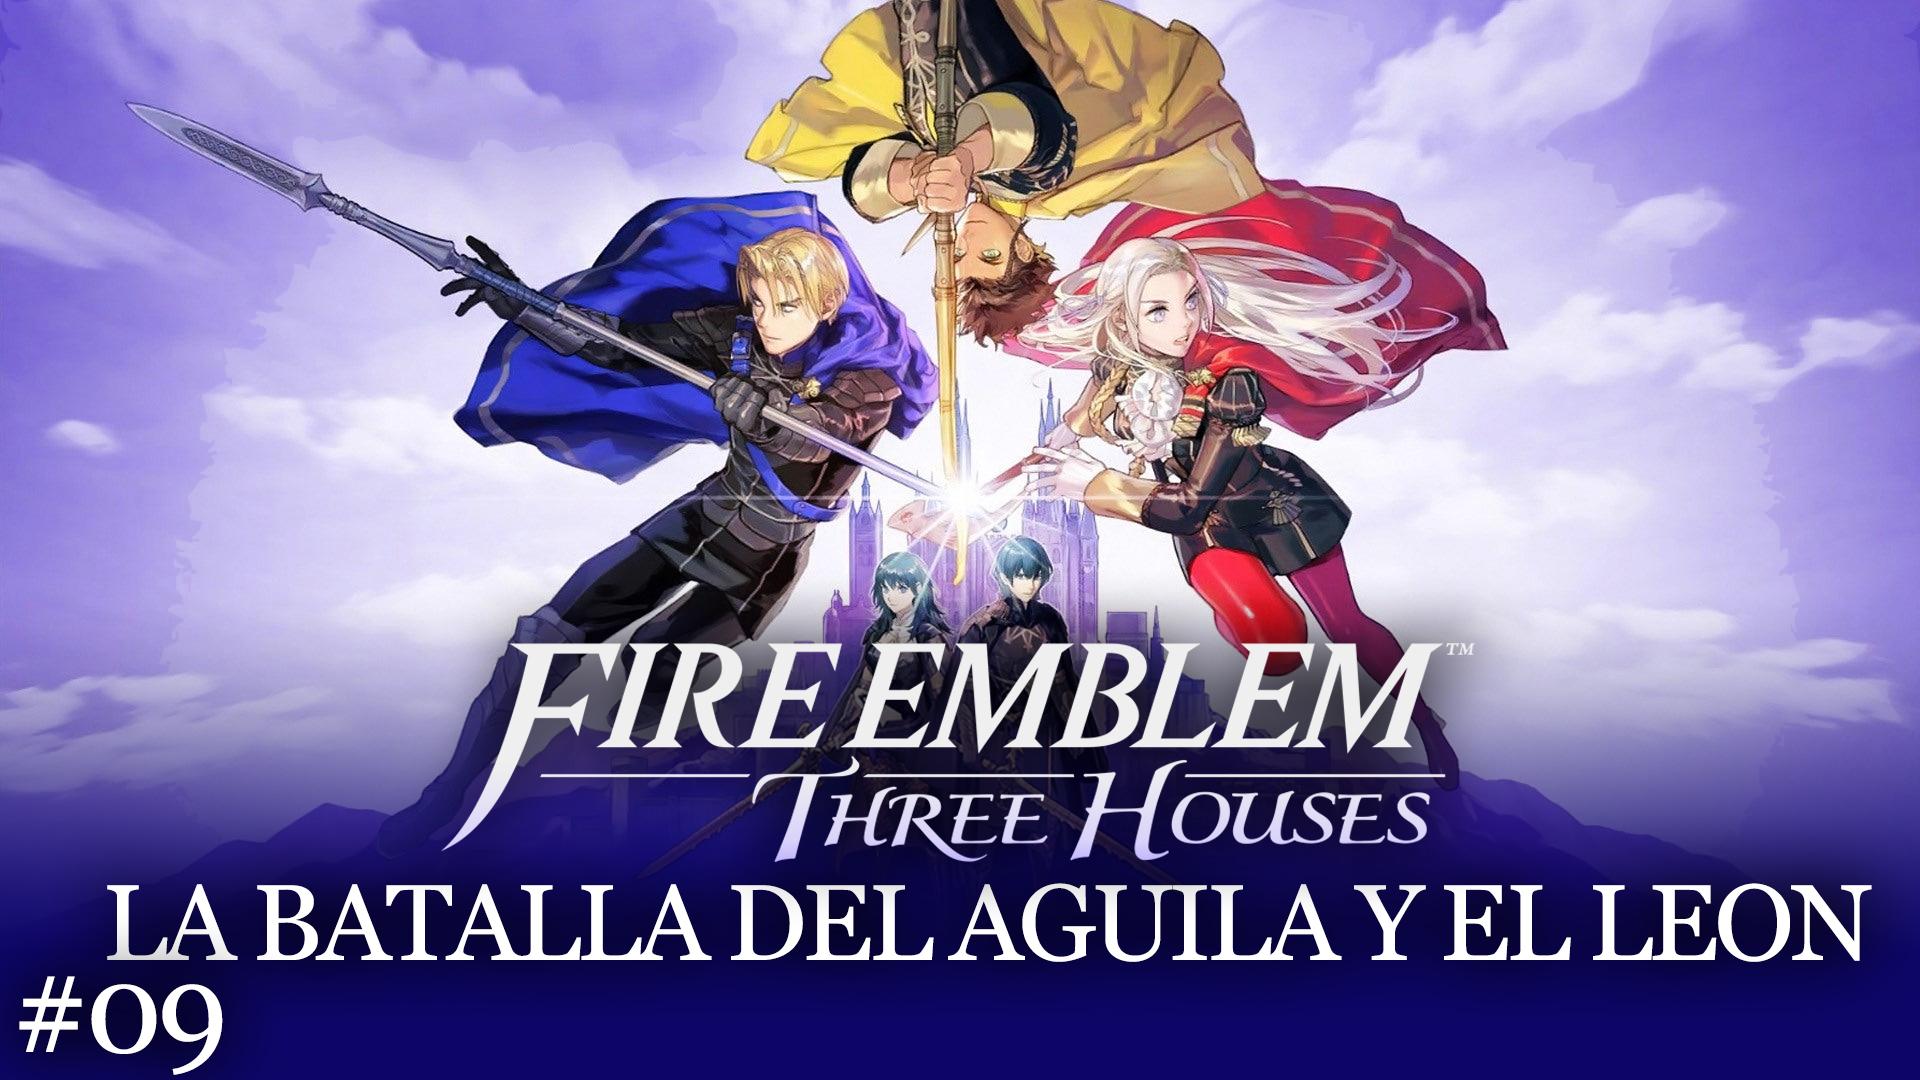 Serie Fire Emblem Three Houses #09 – La batalla del águila y el león